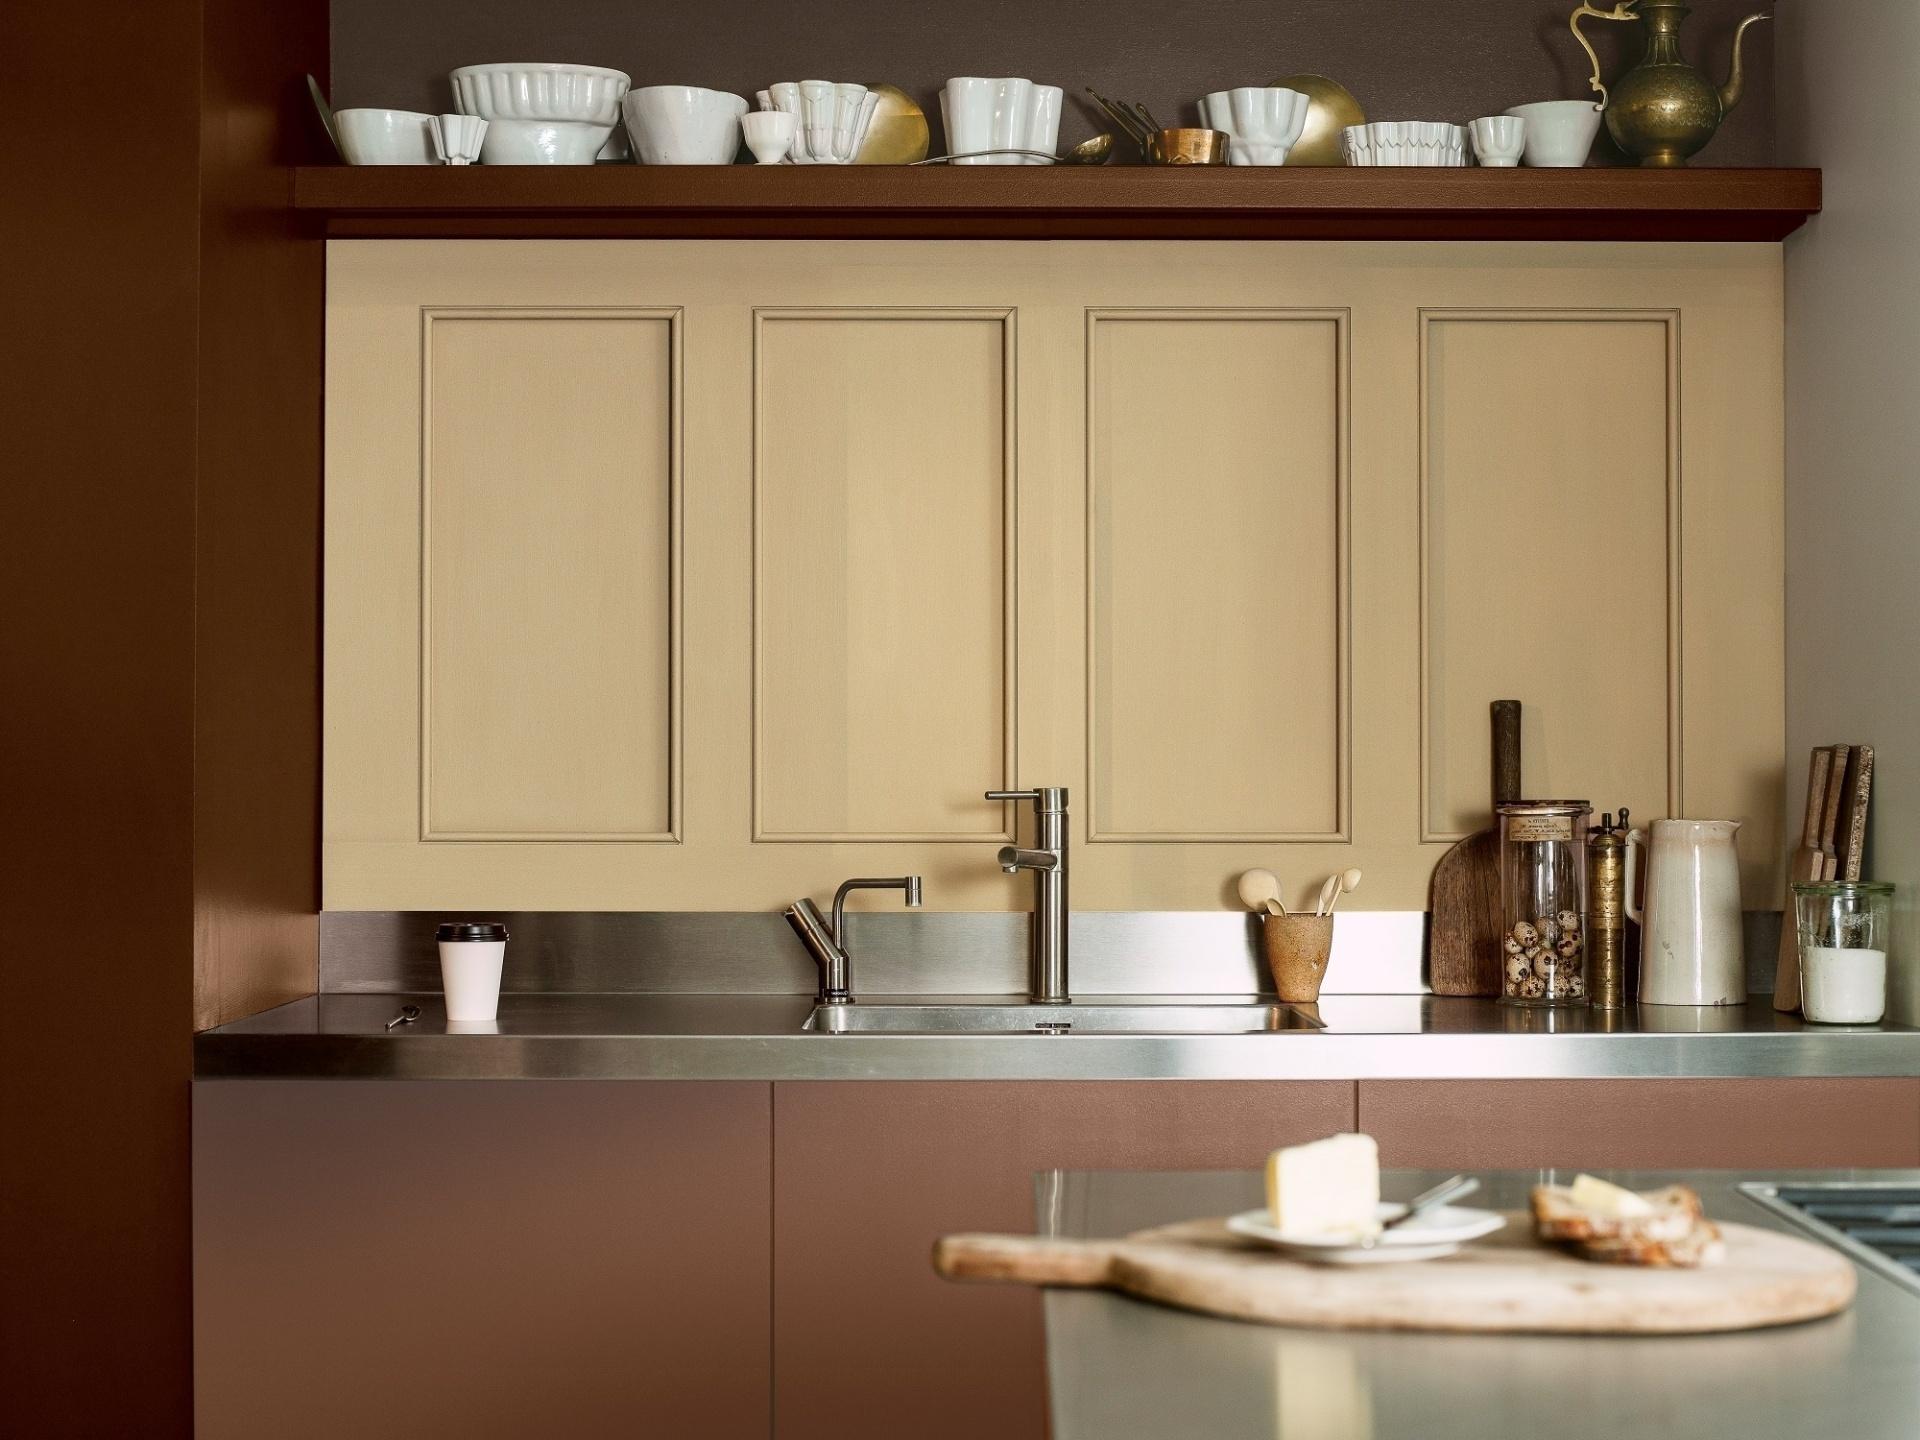 A combinação dos terrosos e beges, quando bem pensada, foge à monotonia. Um exemplo é essa cozinha pintada com cores da paleta 2016